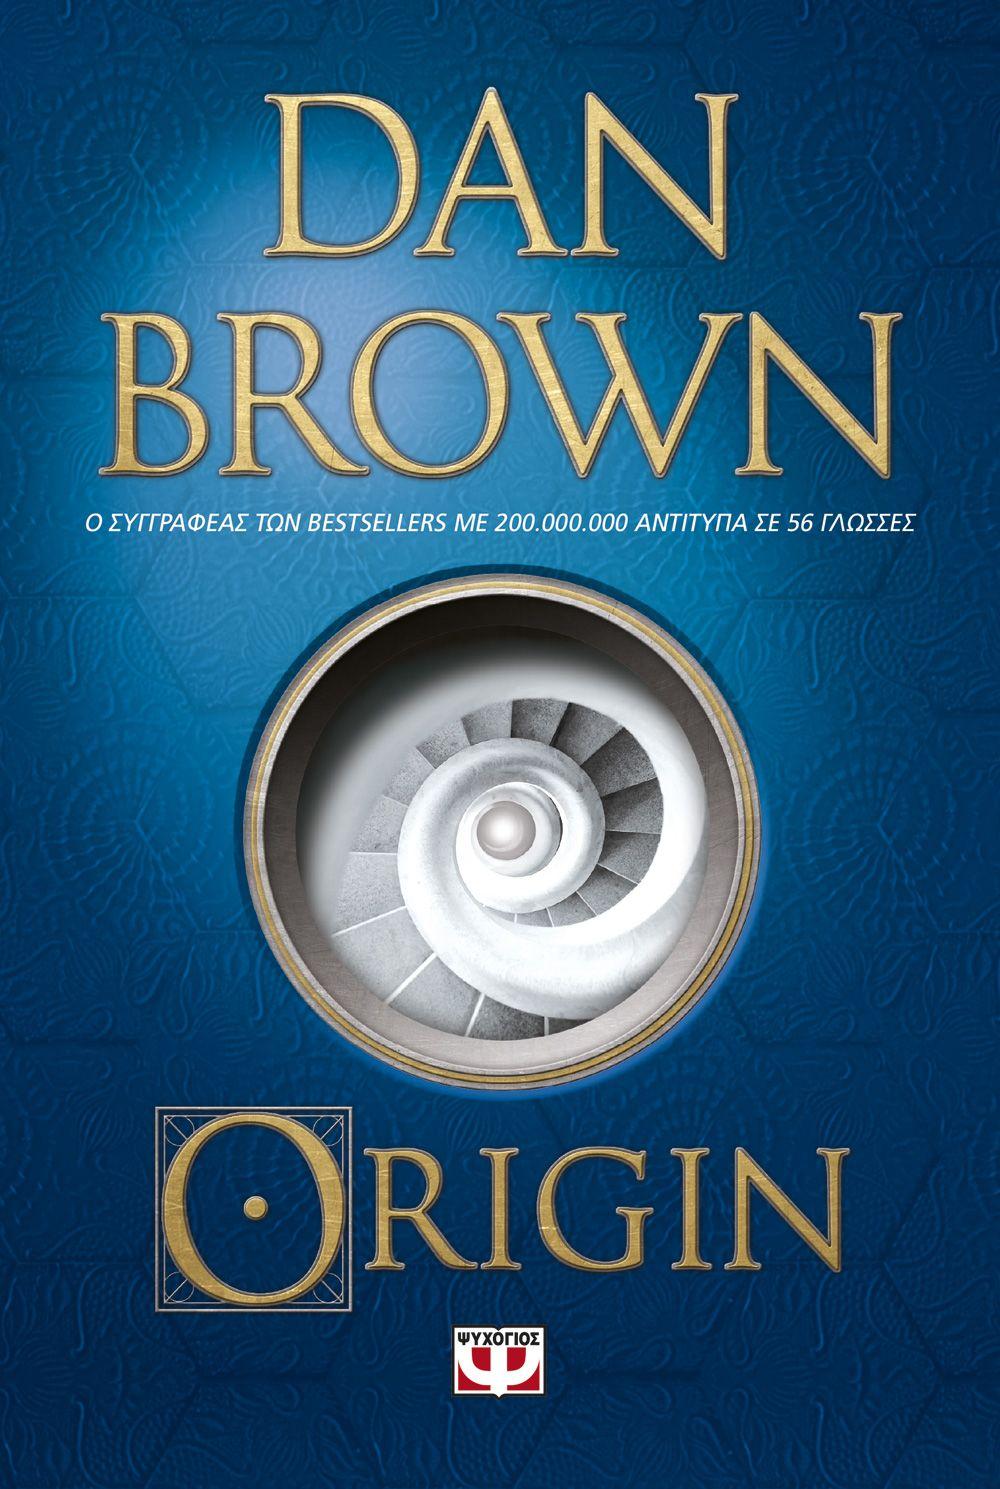 Pdf Origin Robert Langdon 5 By Dan Brown Free Download Dan Brown The Originals Online Works